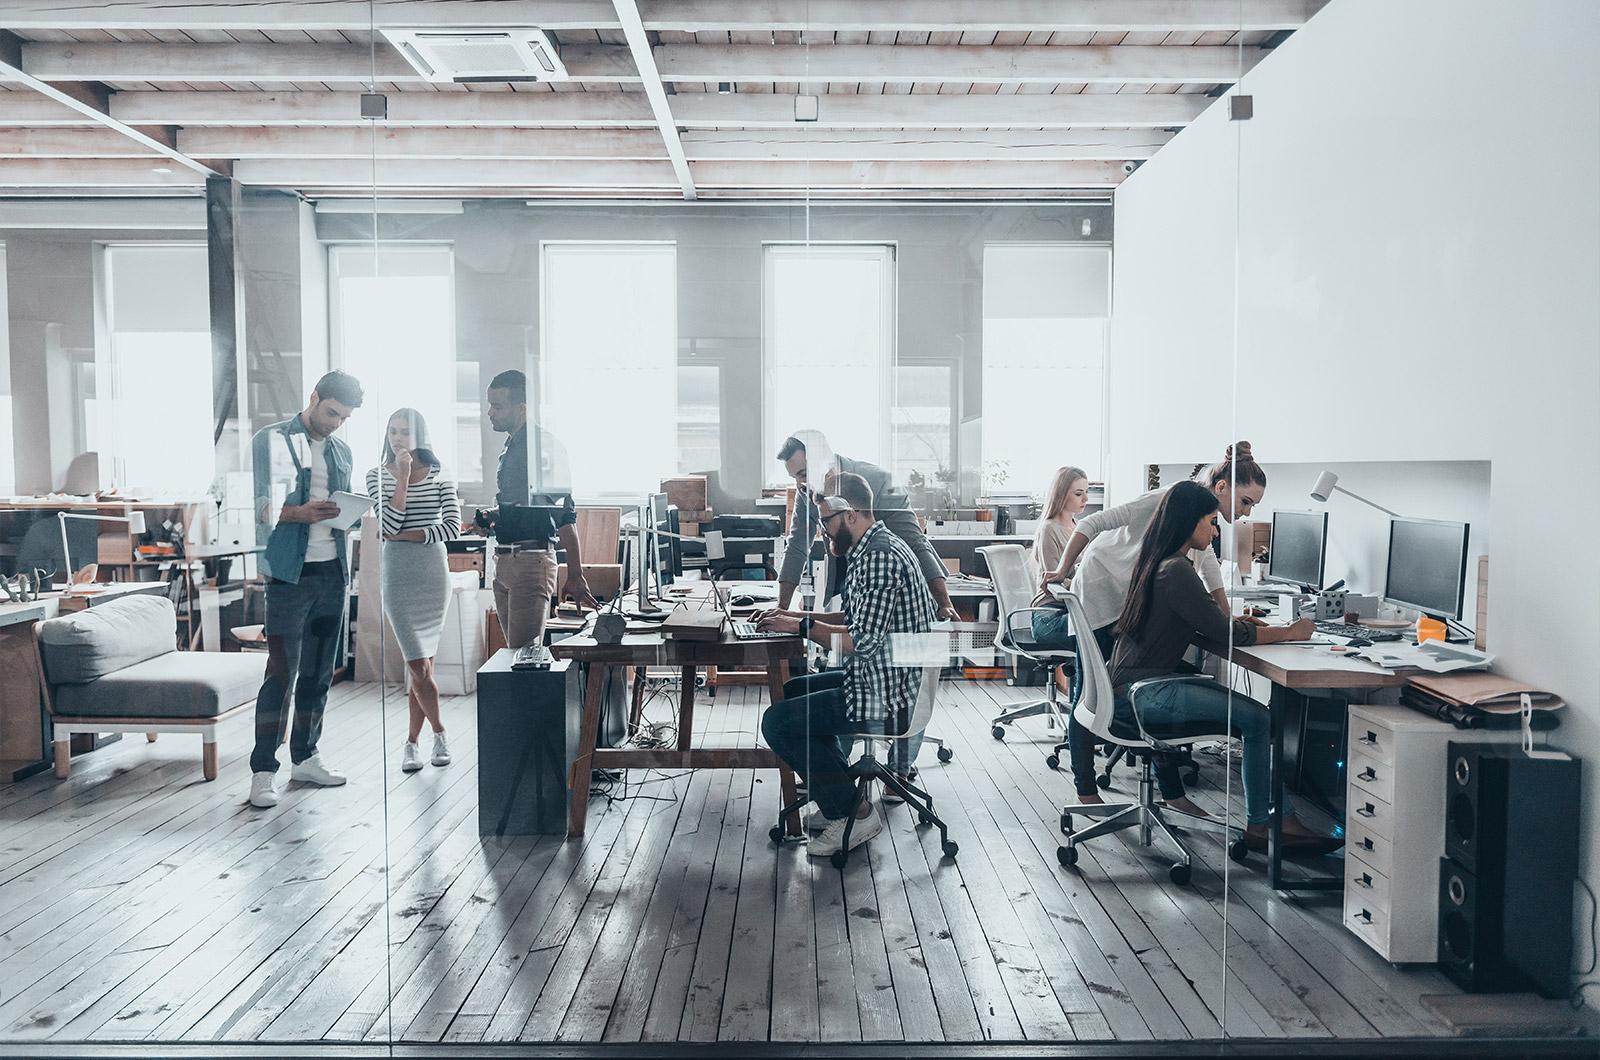 studio-architetti-collaborano-in-teamwork